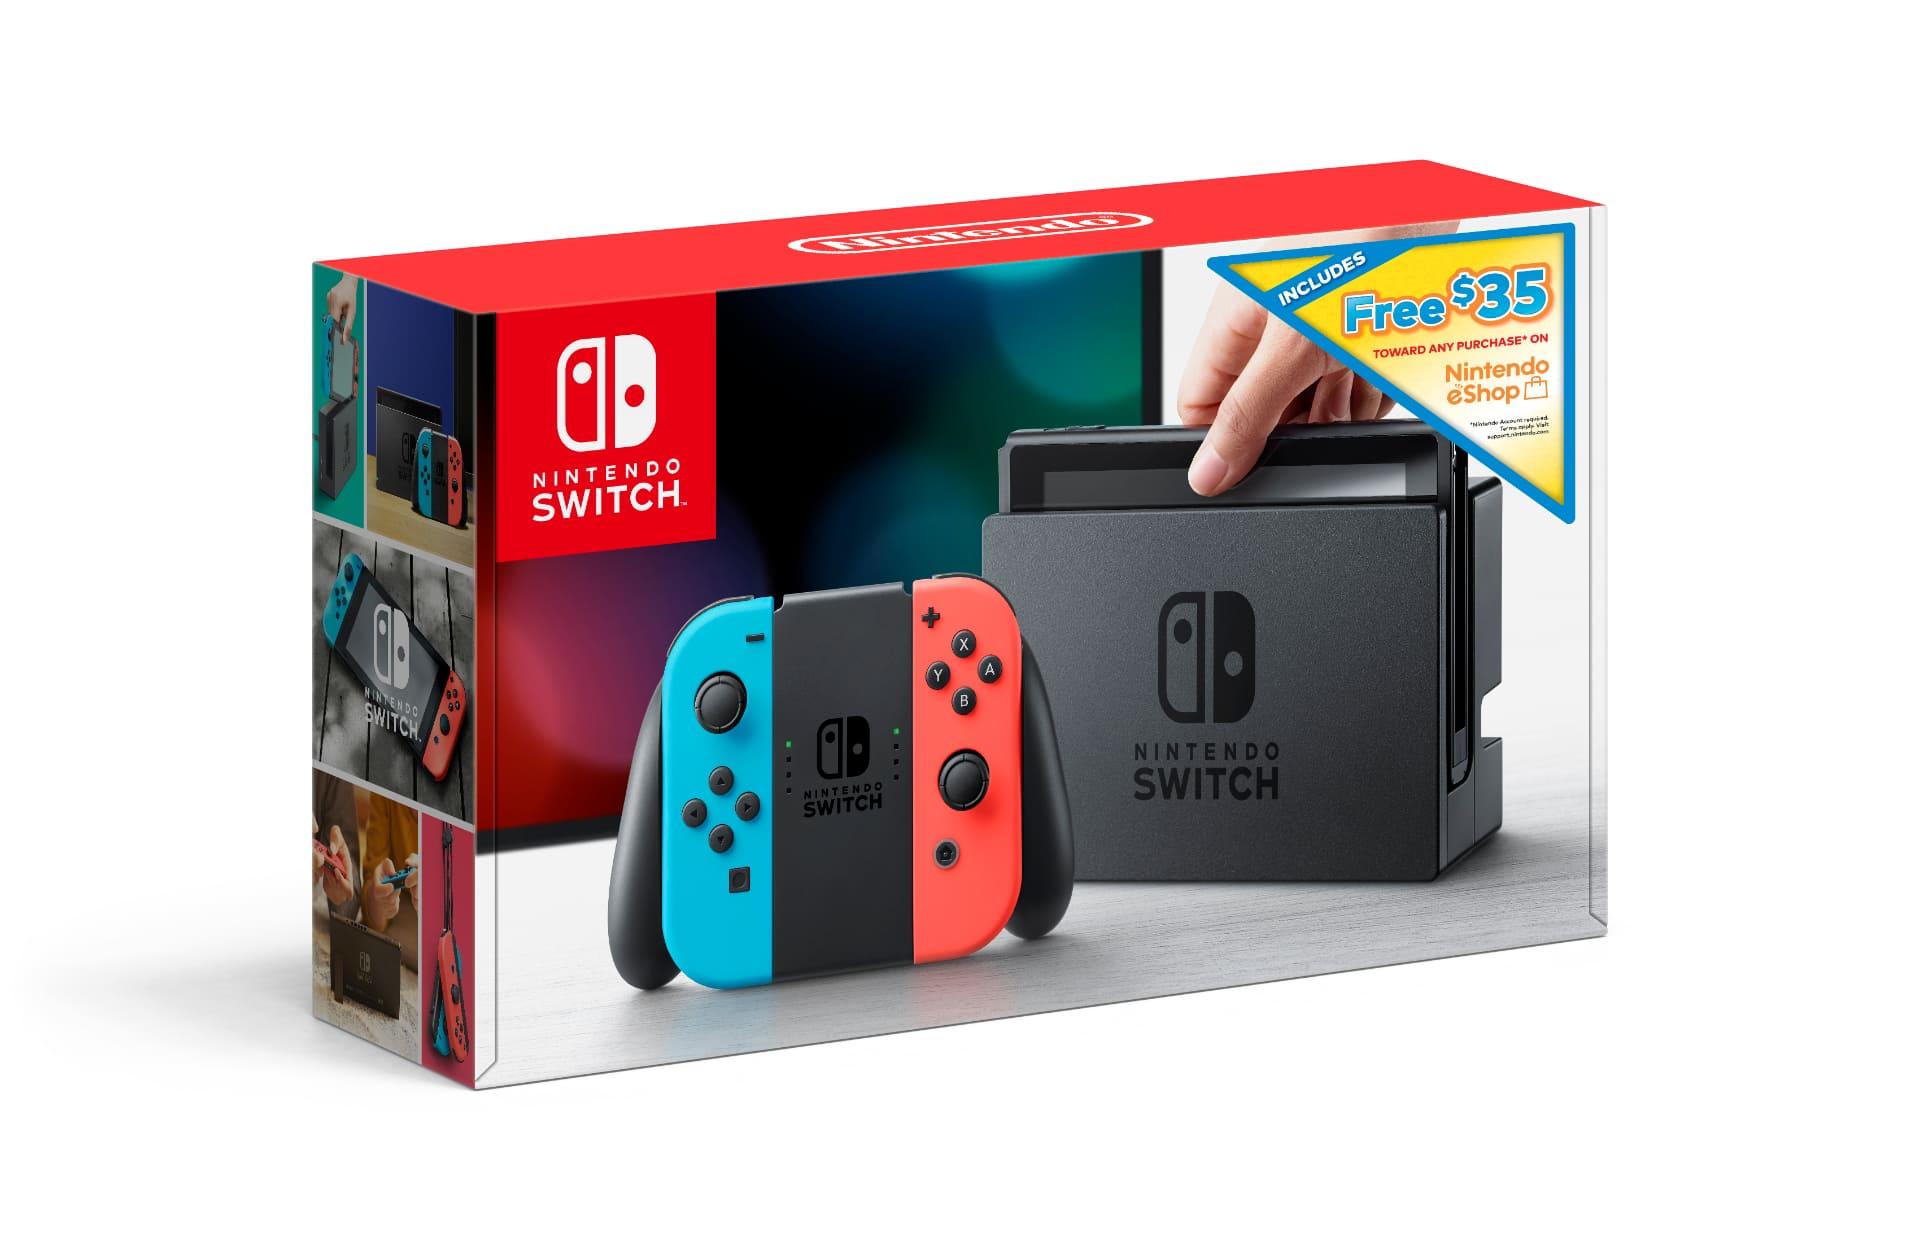 O pacote Nintendo Switch de entrada inclui bônus de crédito na eShop